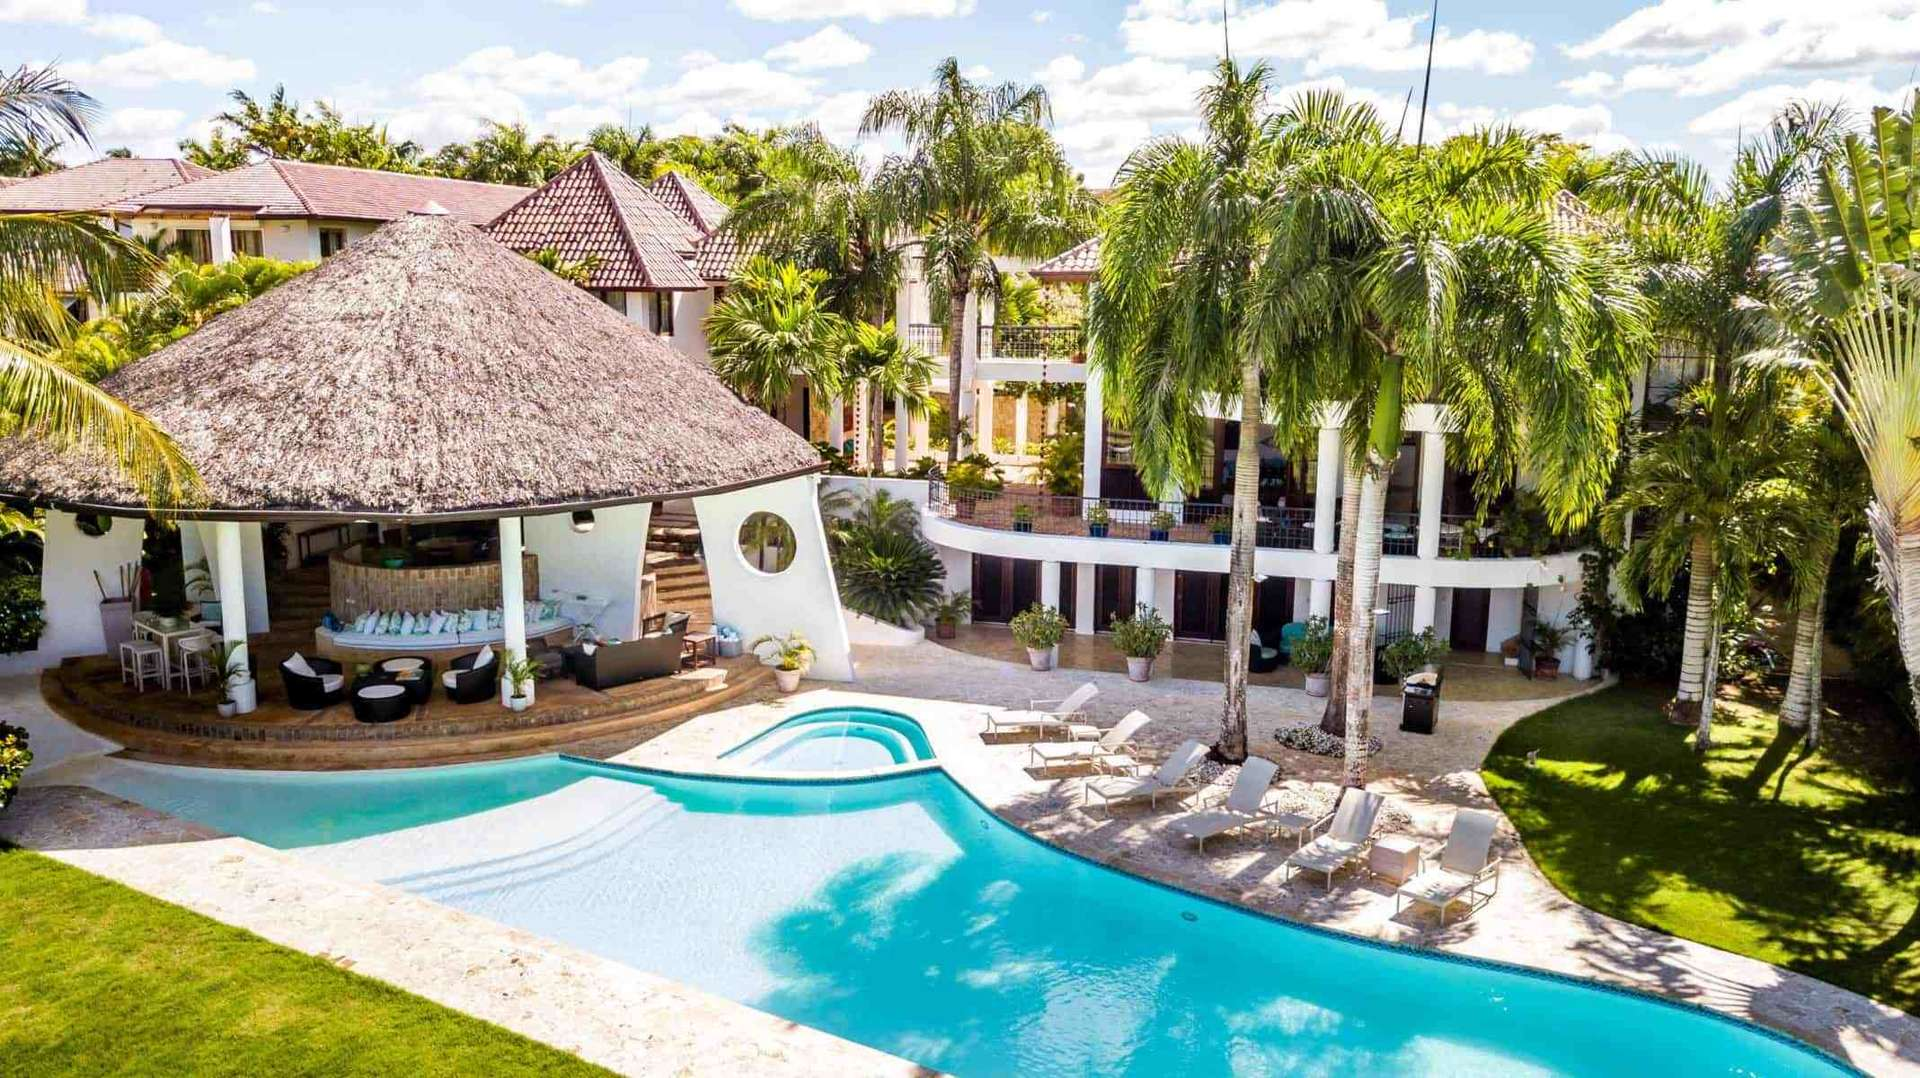 Luxury villa rentals caribbean - Dominican republic - Casa decampo - No location 4 - Las Lomas 5 - Image 1/31